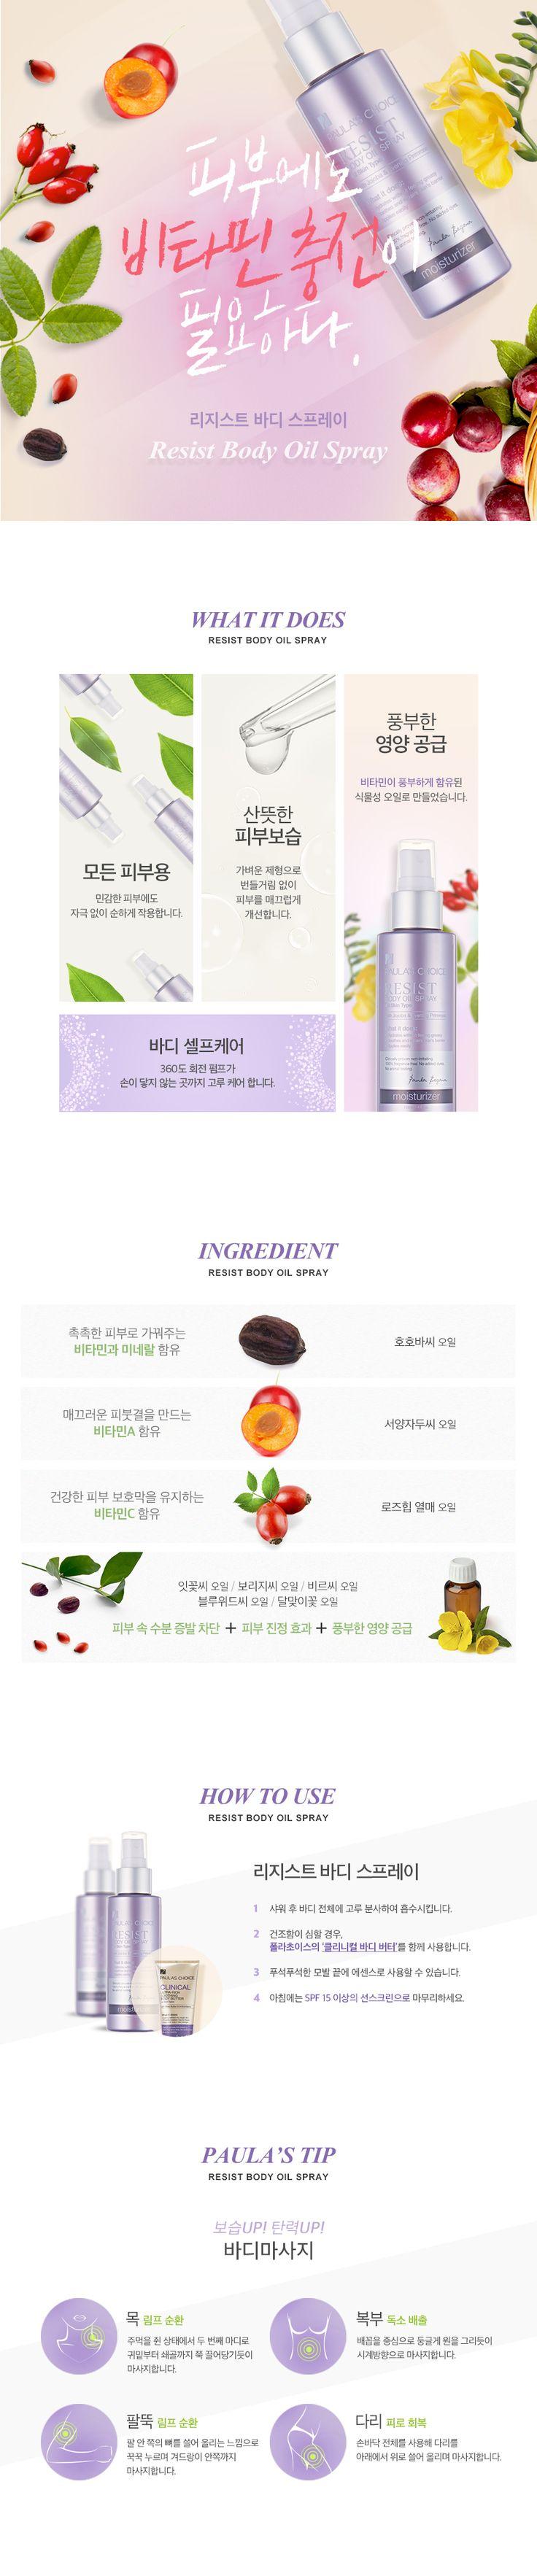 상품 상세정보 '리지스트 바디 스프레이'